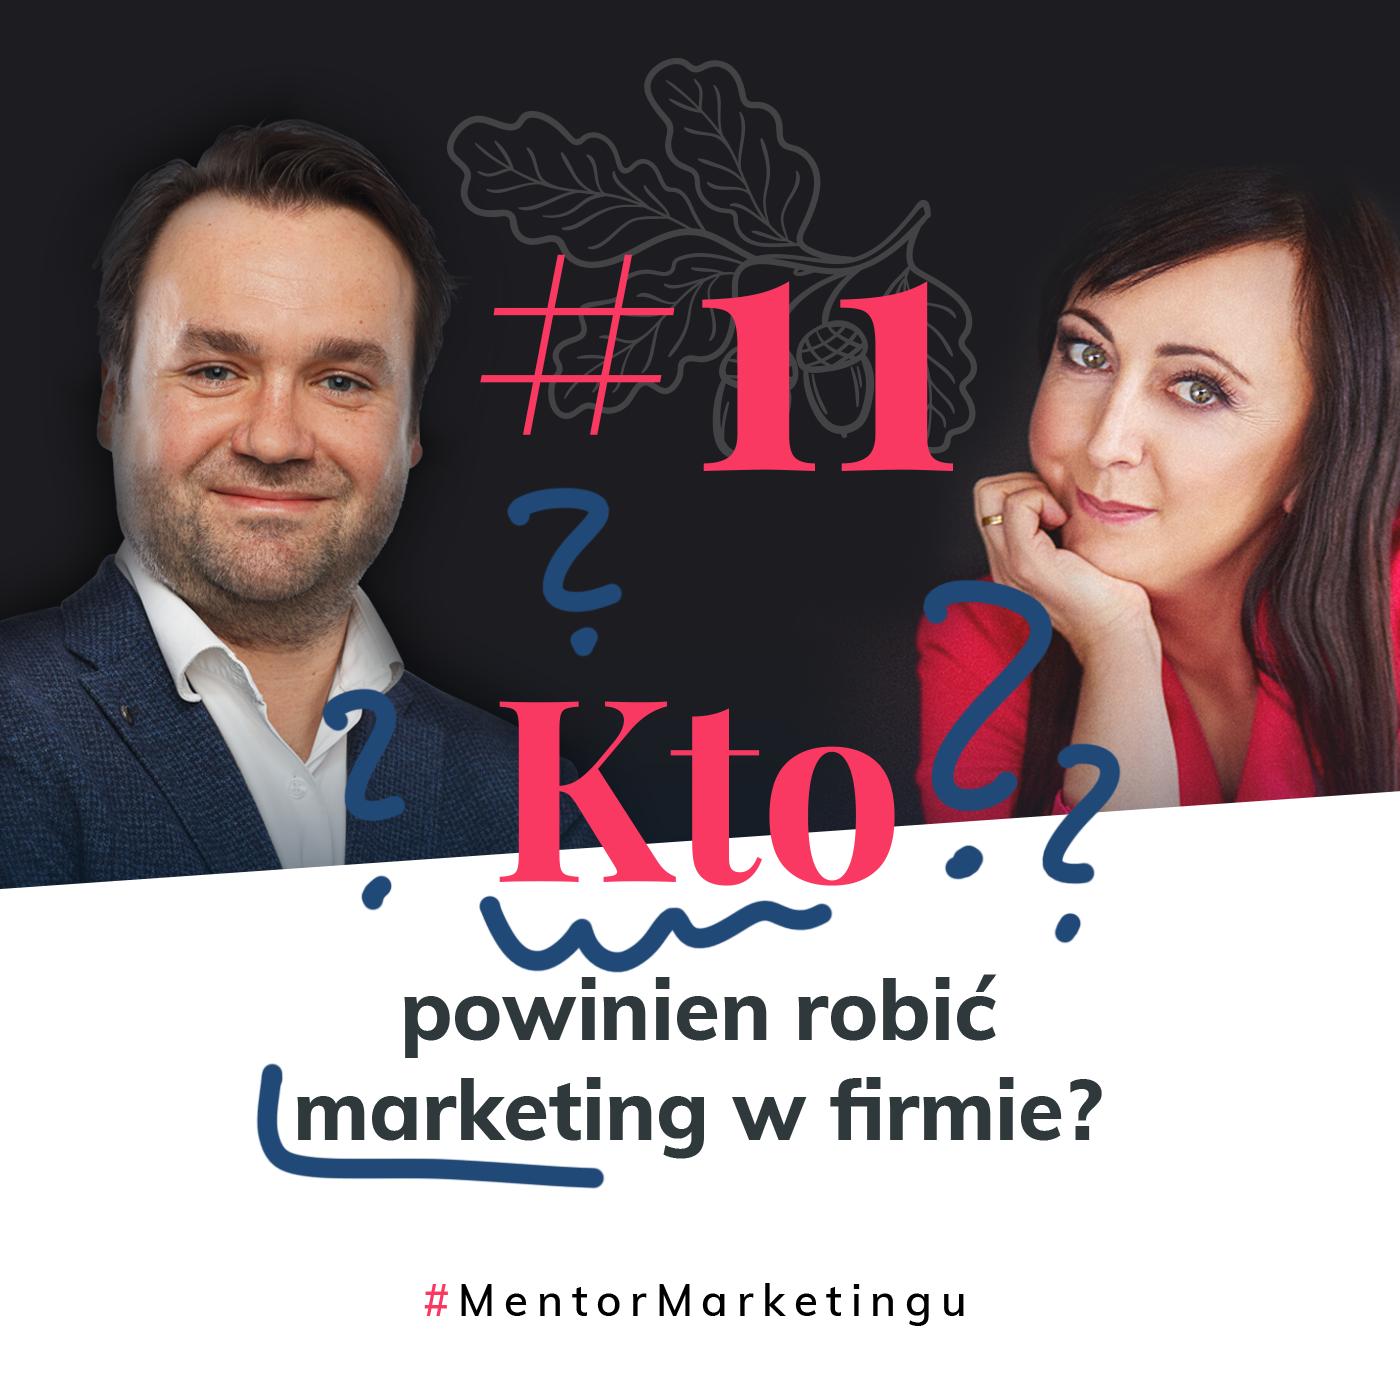 Kto powinien robić marketing w firmie?